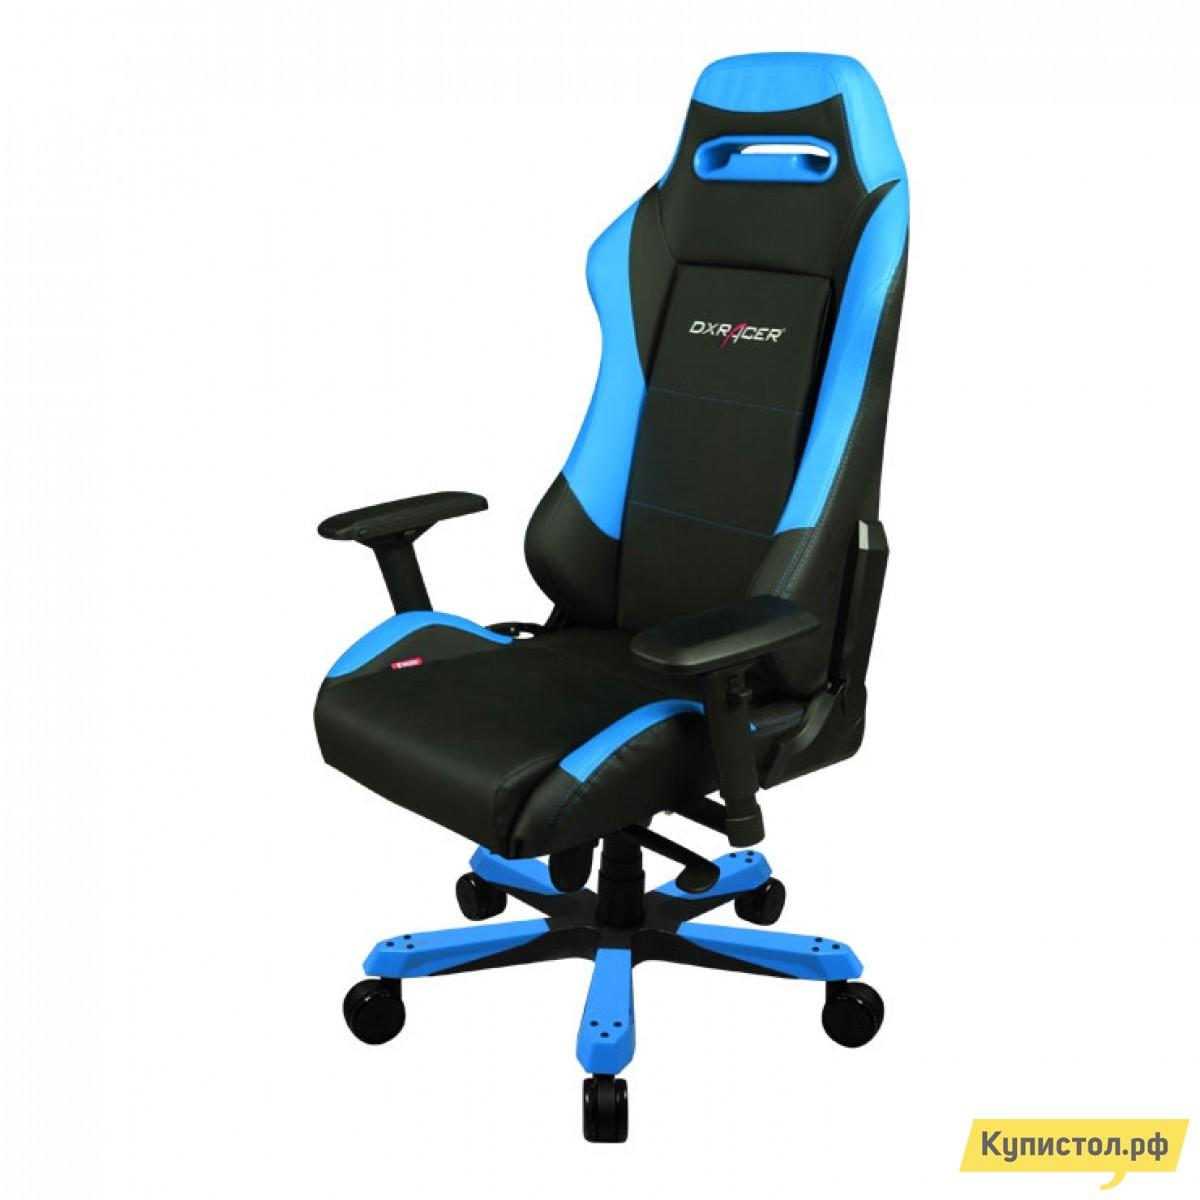 Компьютерное кресло DxRacer OH/IS11/N Черный / Синий